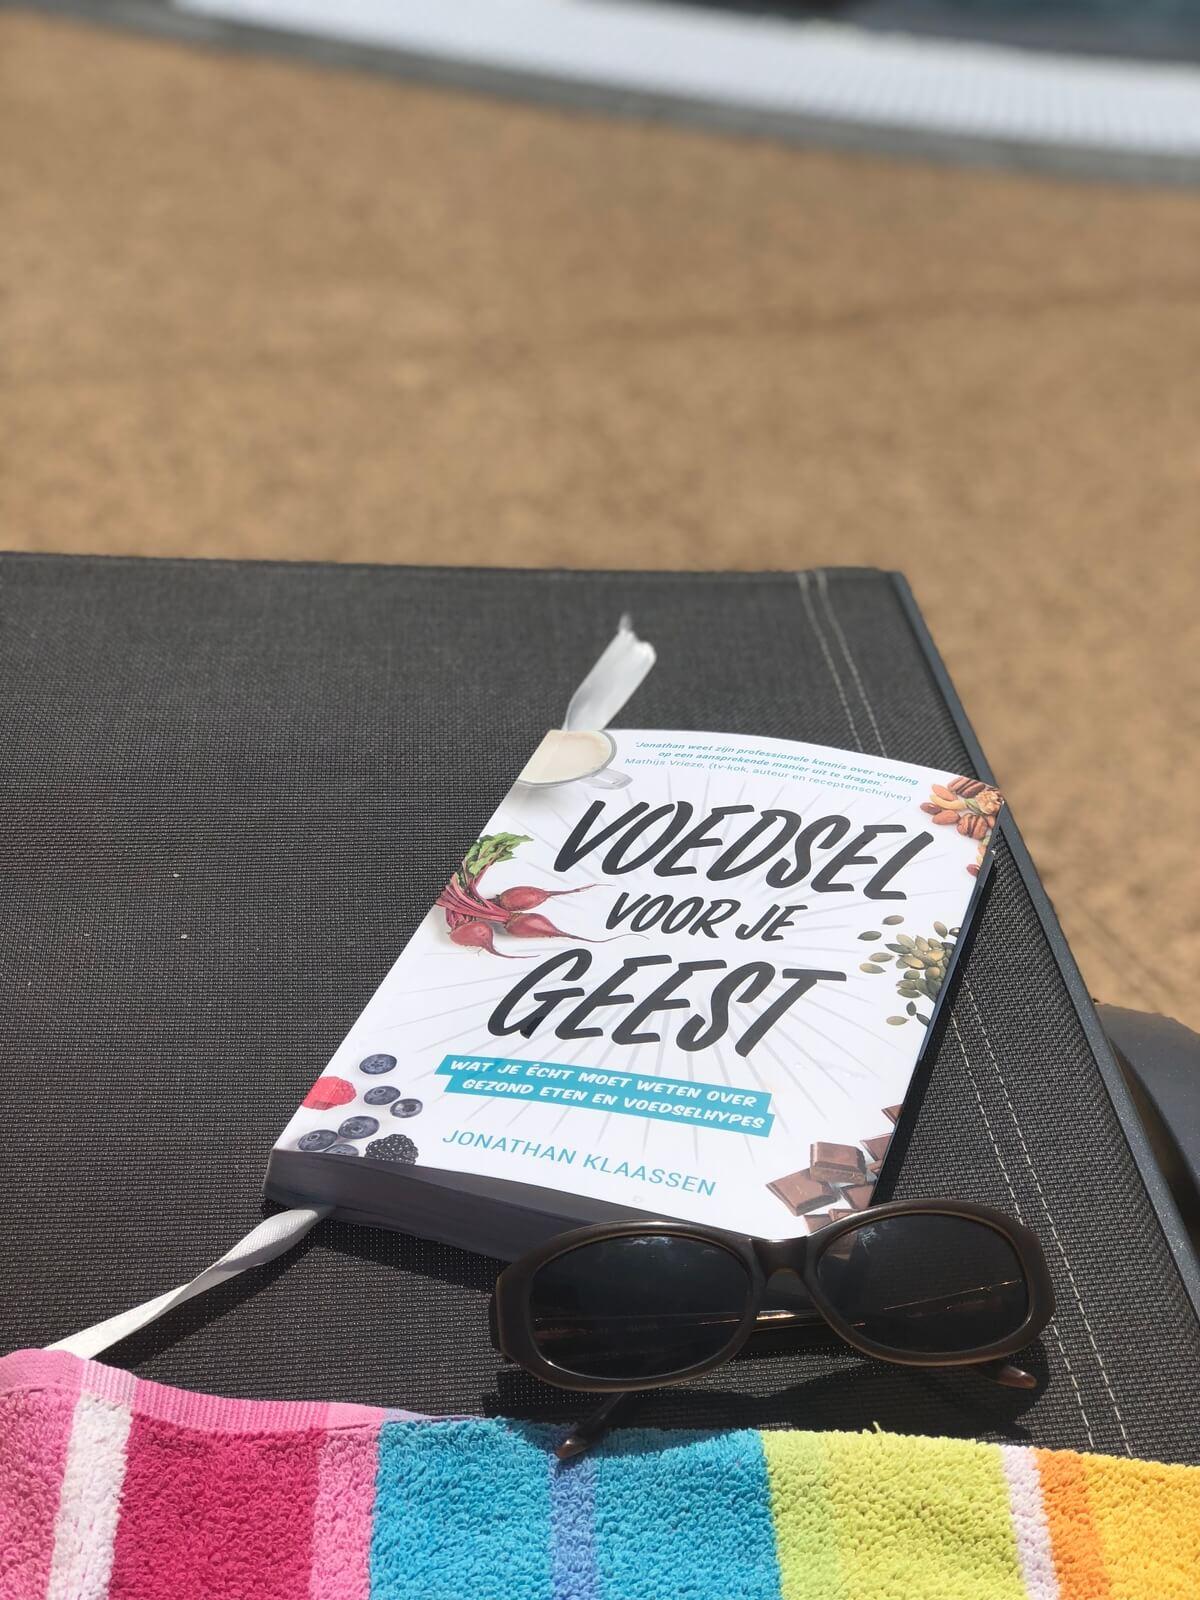 Afvallen met Jonathan Klaassen - Voedsel voor je Geest